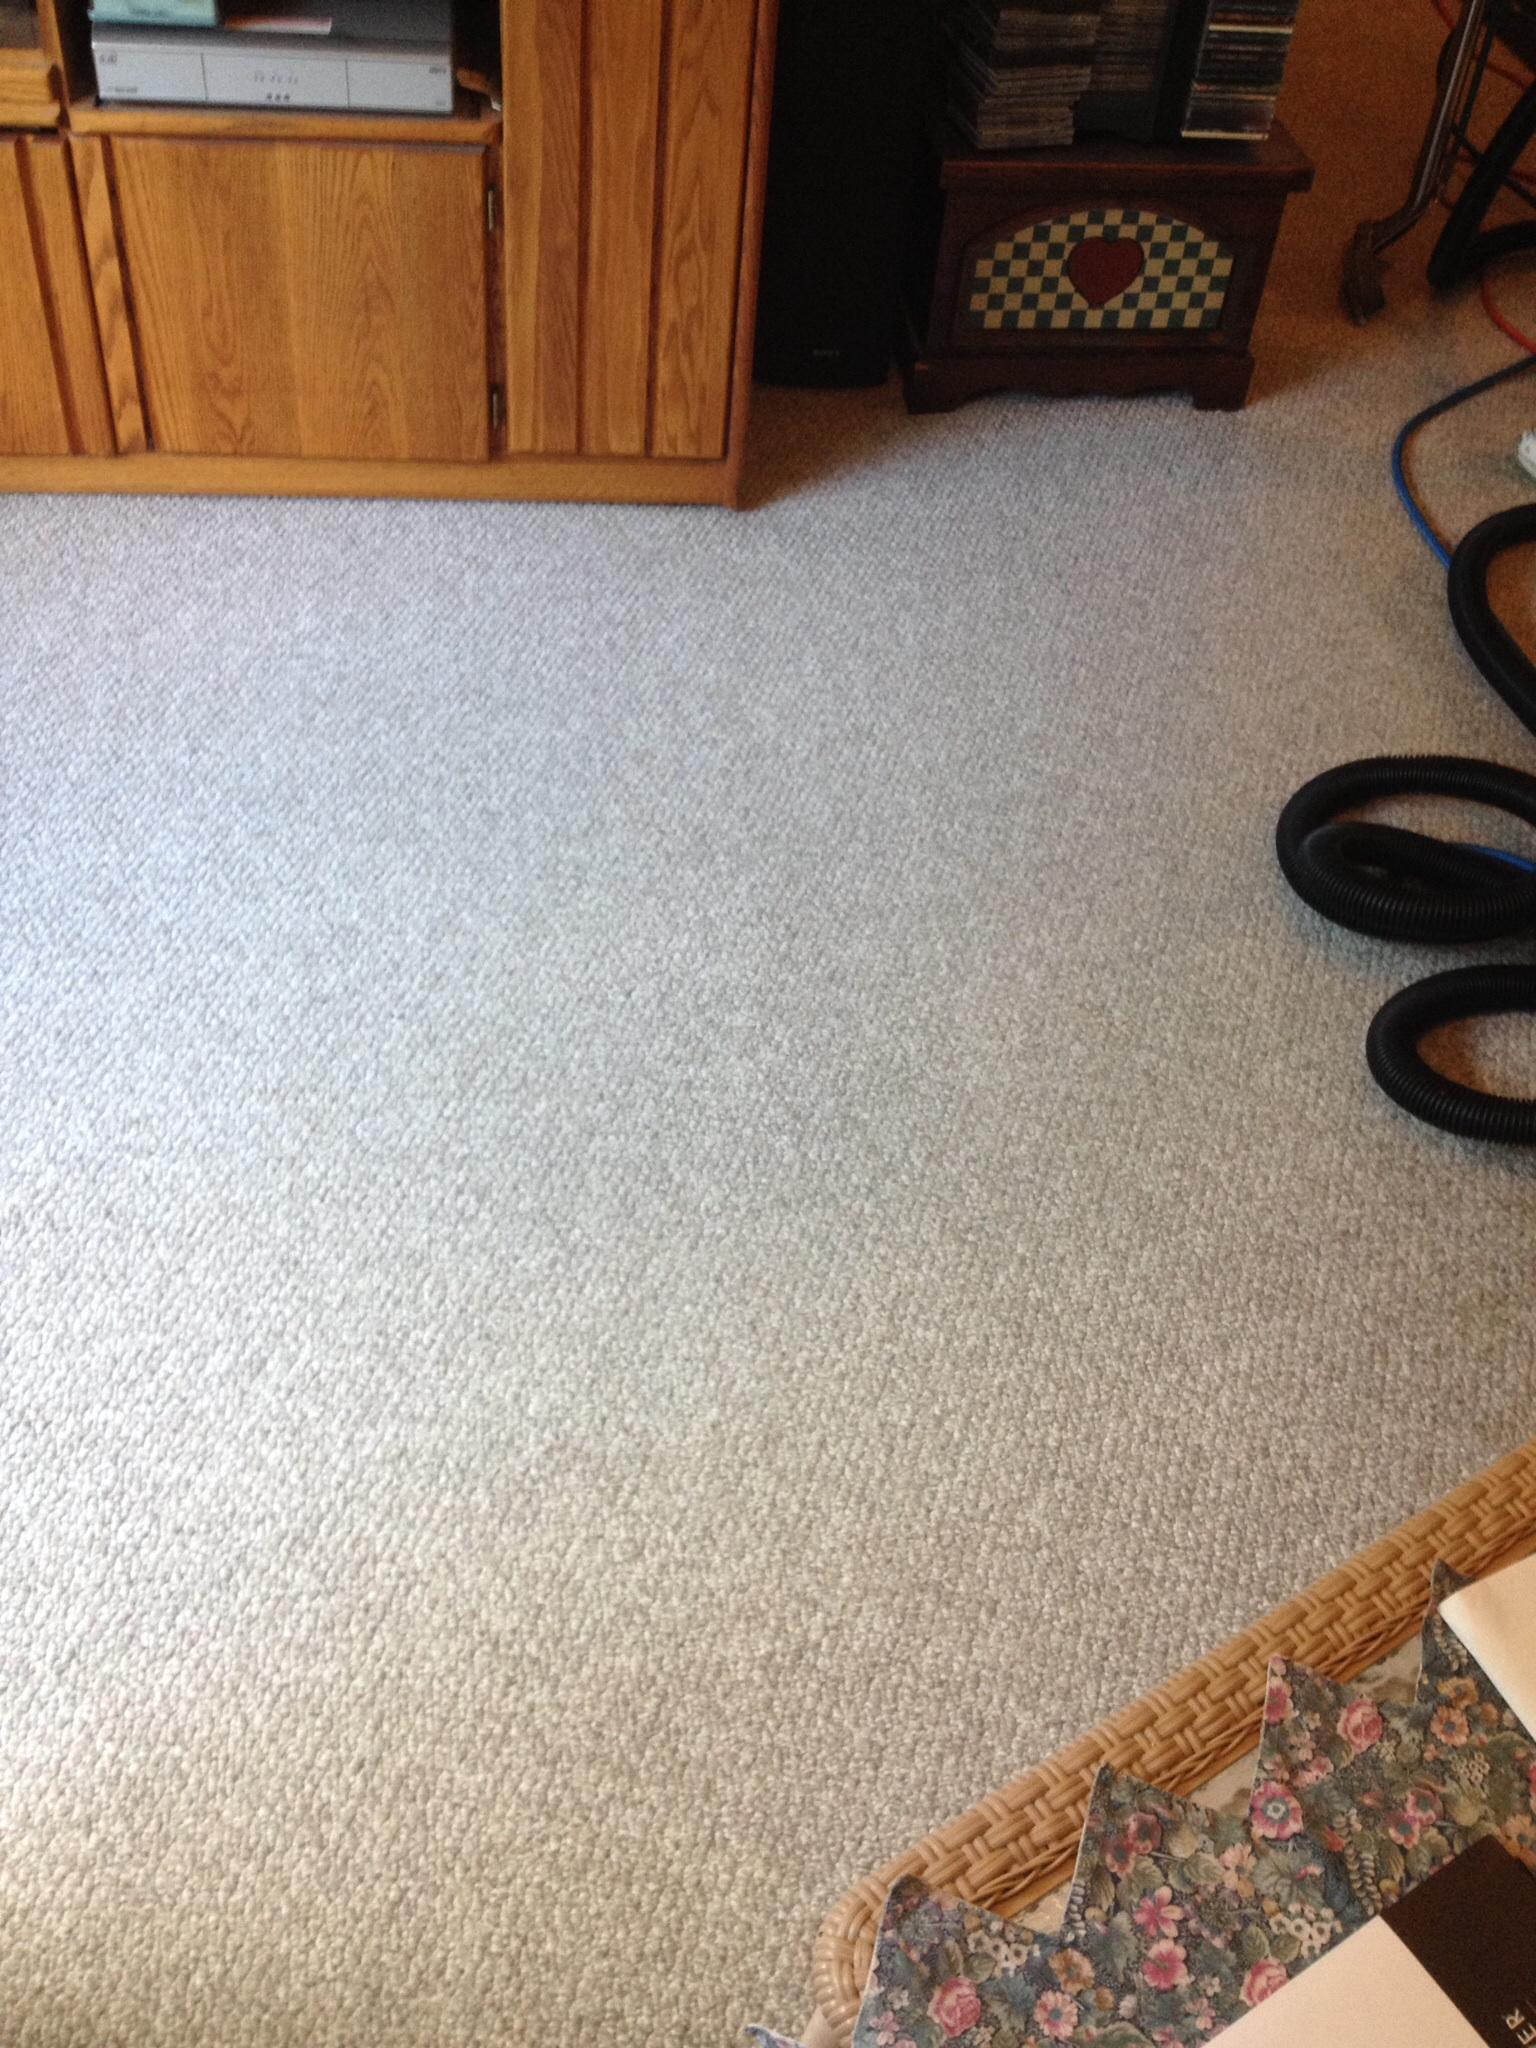 D&D Carpet Cleaning image 8